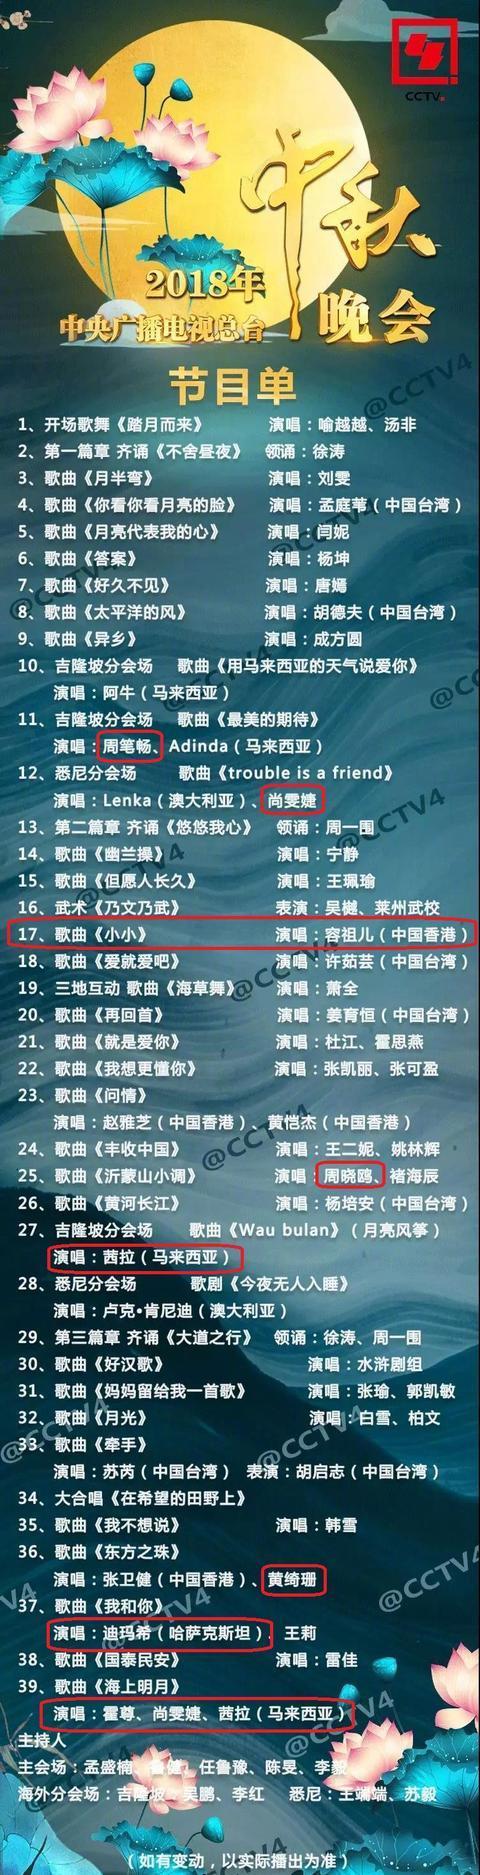 央视中秋晚会节目单:唐嫣成唯一流量,尚雯婕和周笔畅同台不同场